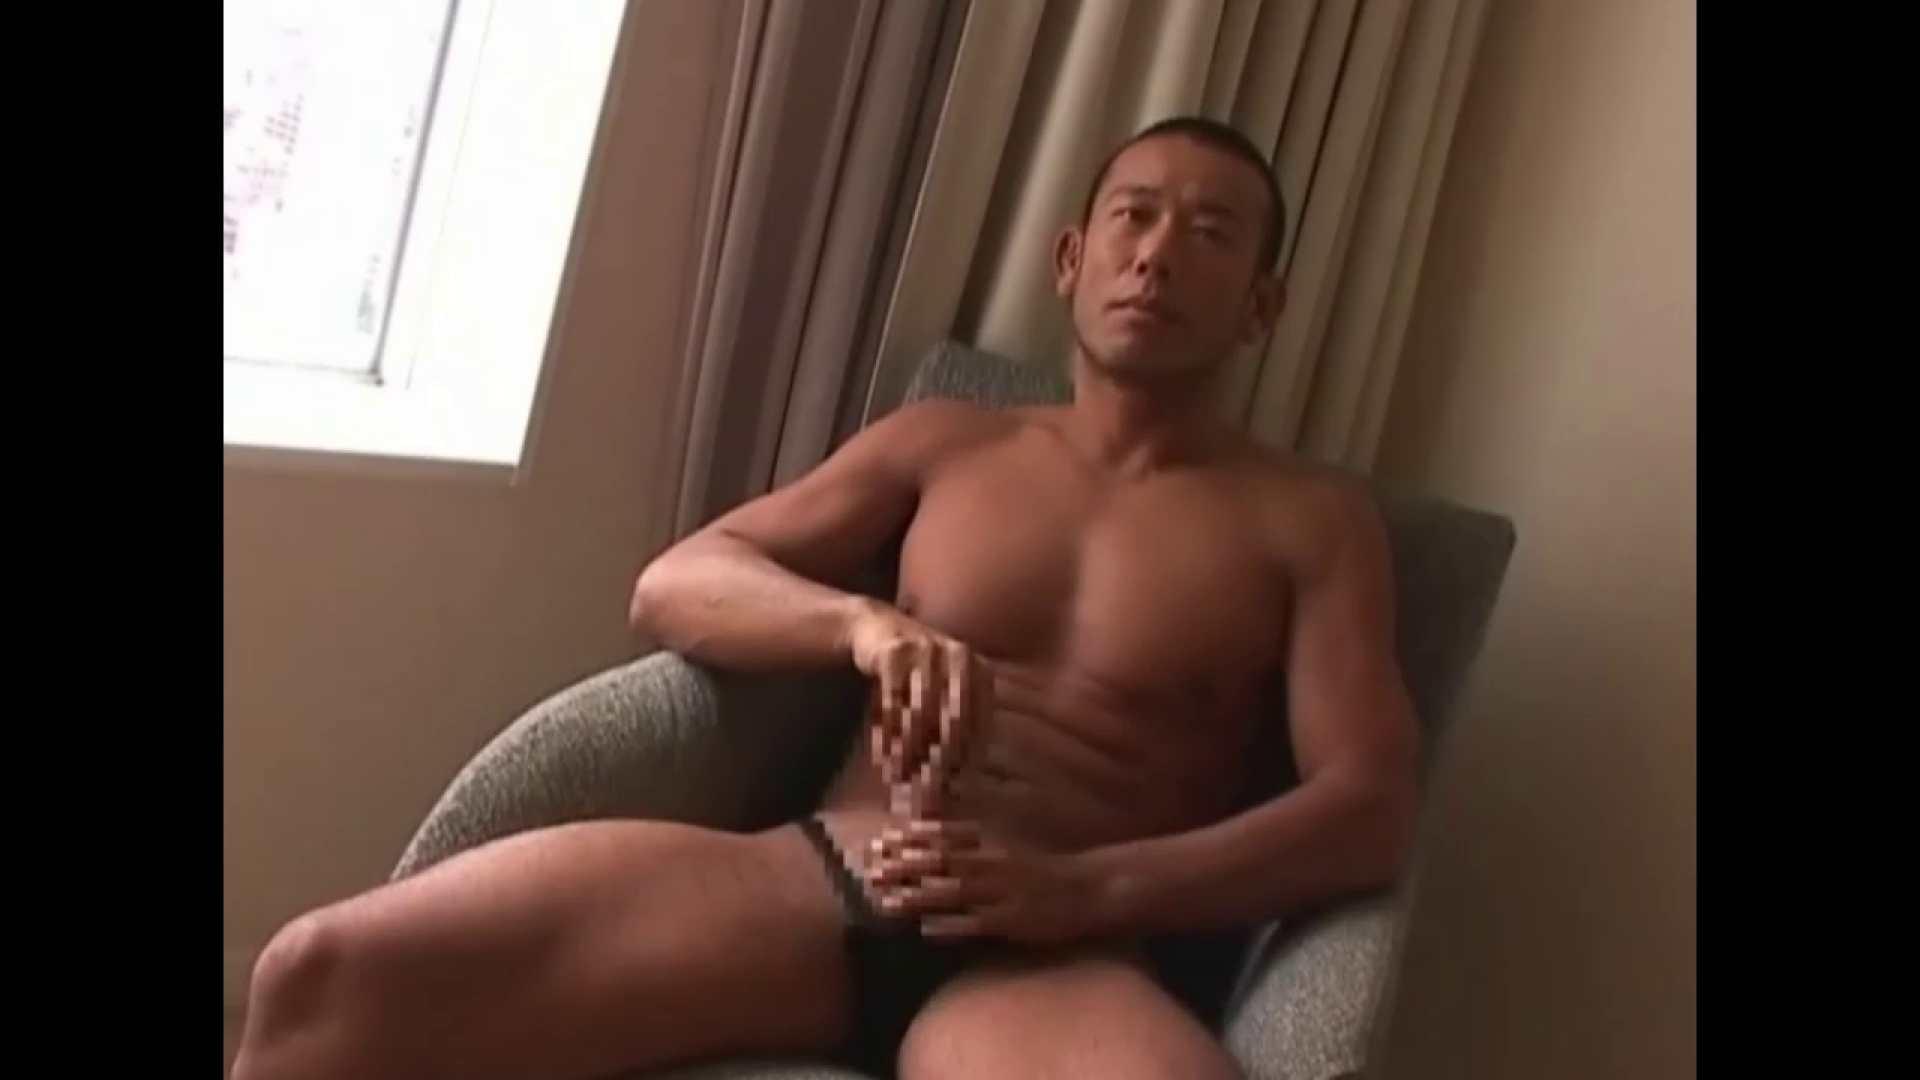 プロの本番を男目線で見て見た。 入浴・シャワー丸見え ゲイ無修正ビデオ画像 106pic 28